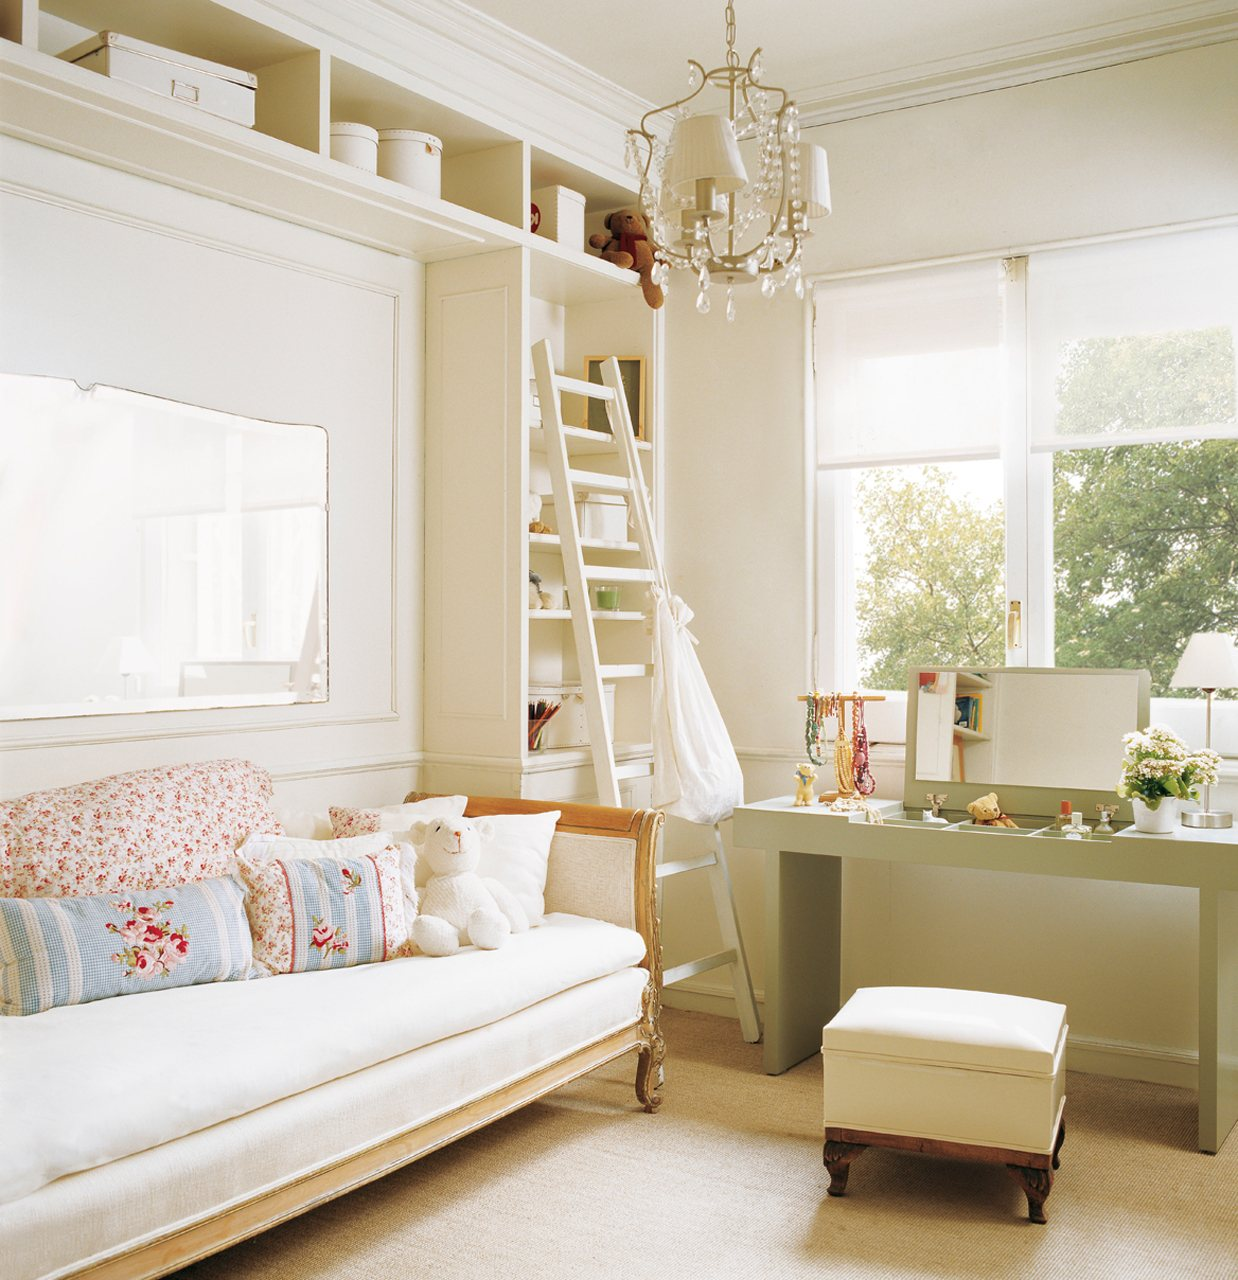 Blog by nela 17 09 12 - El mueble habitaciones juveniles ...